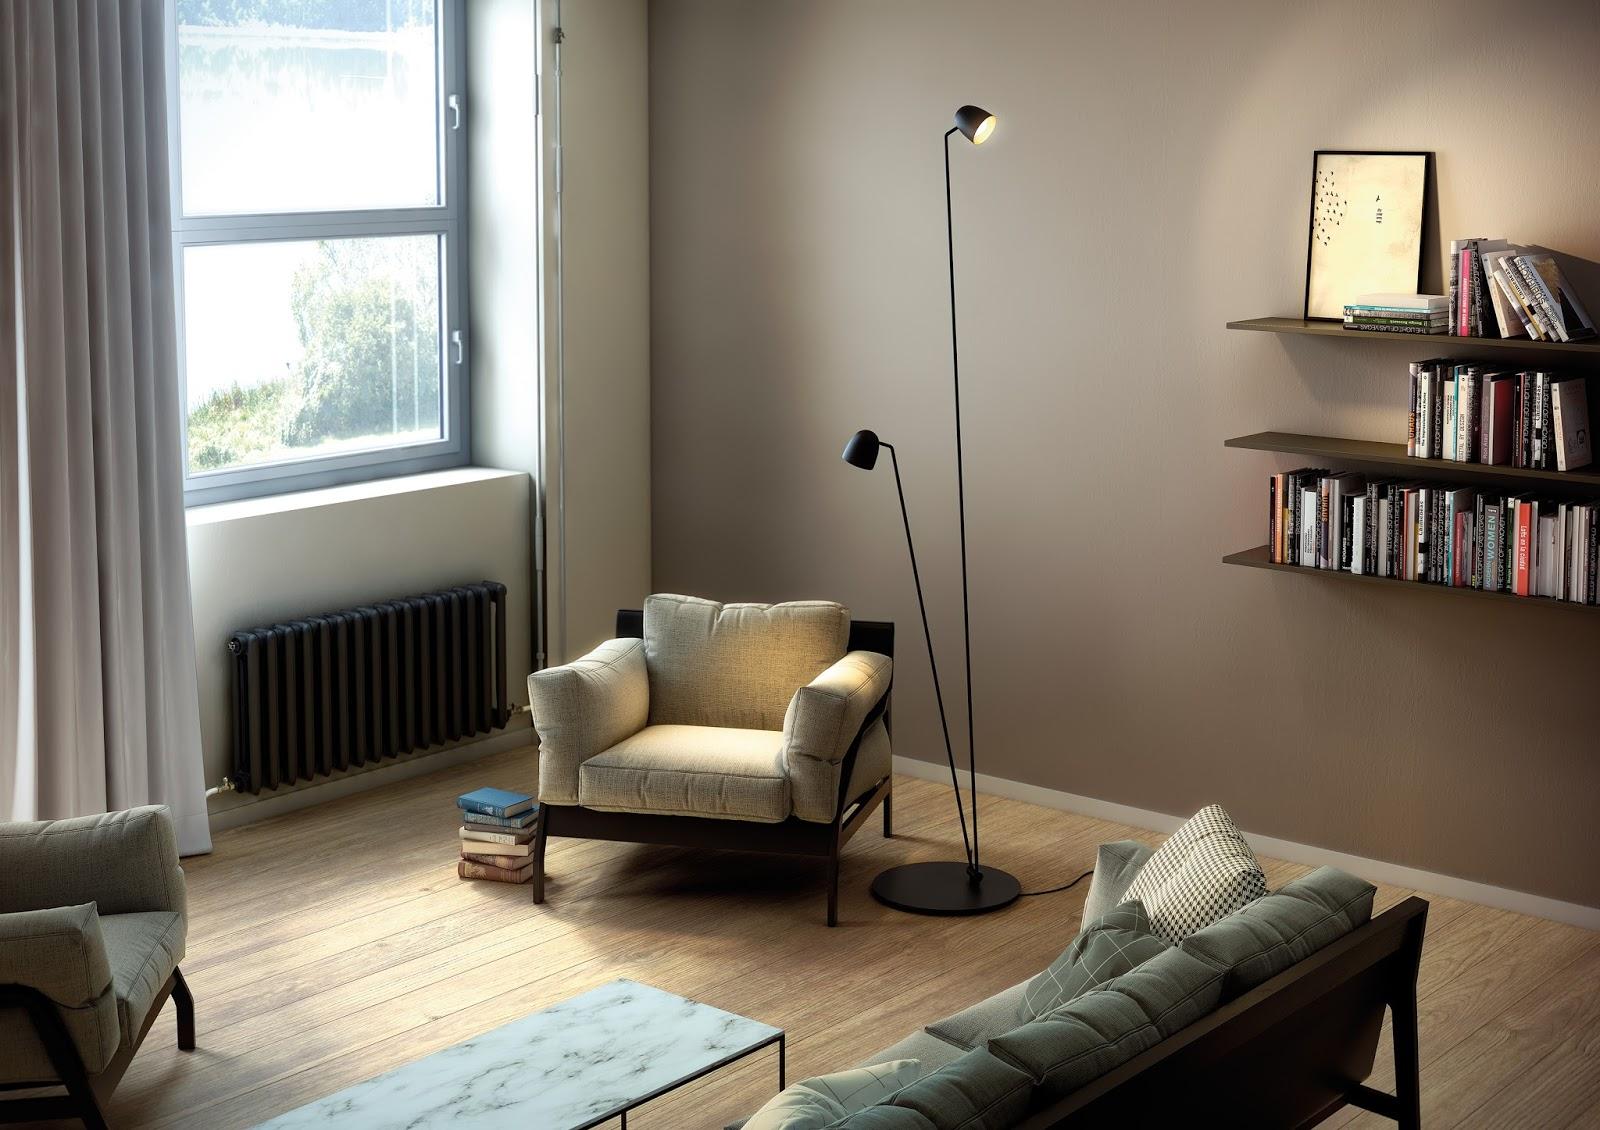 Arquitectura y dise o los mejores interiores y casas de for Los mejores disenos de interiores del mundo